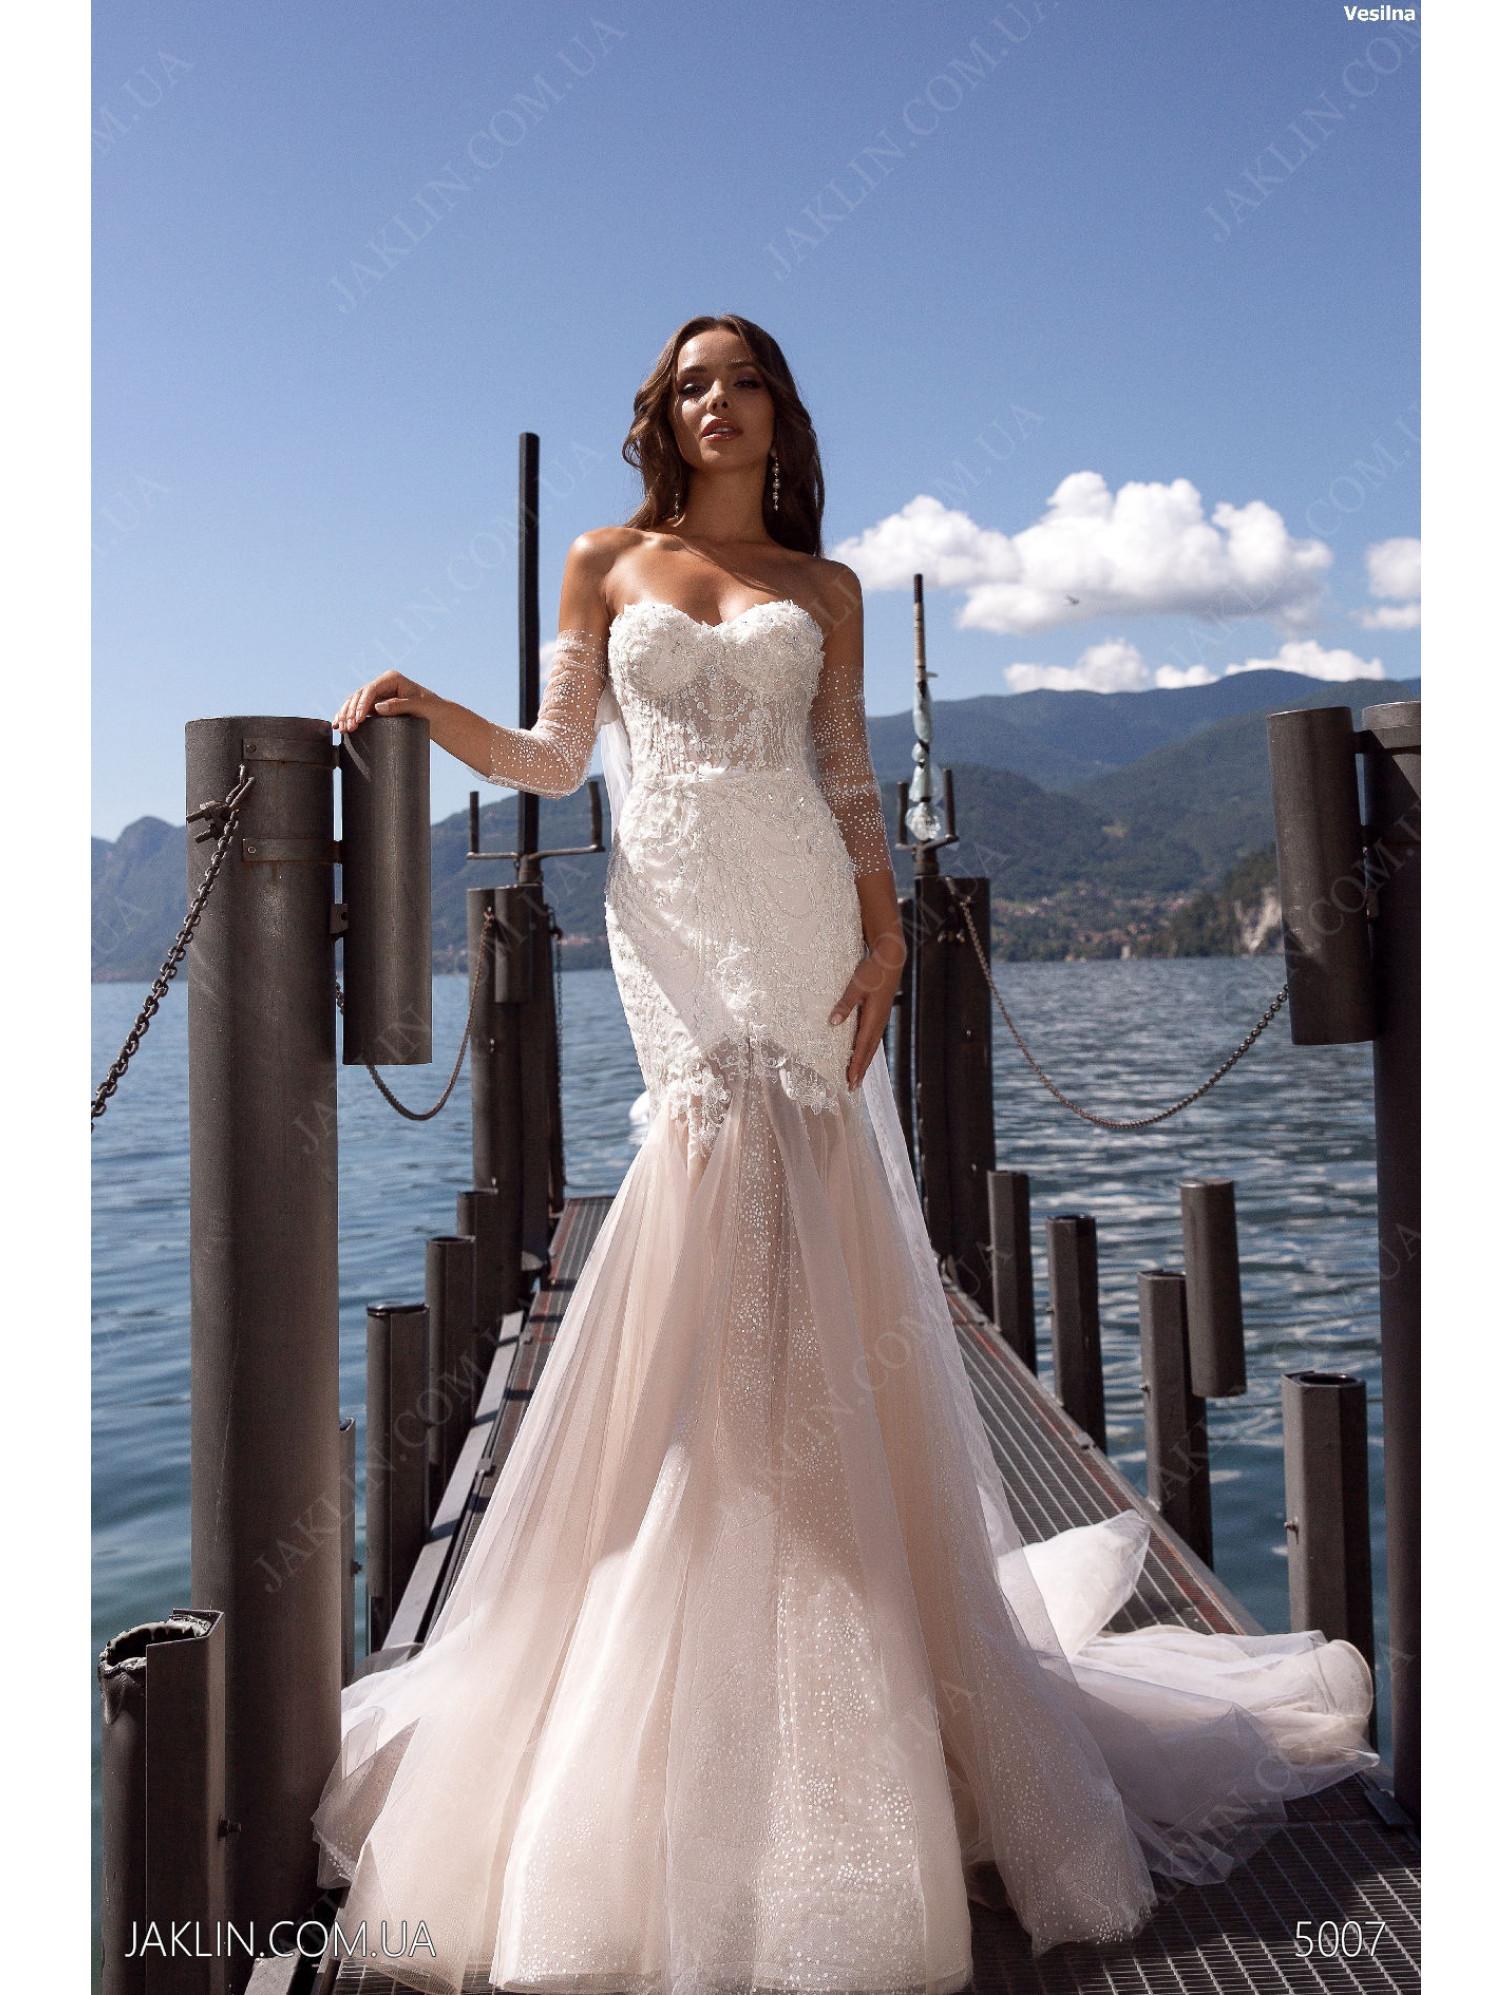 Весільна сукня 5007